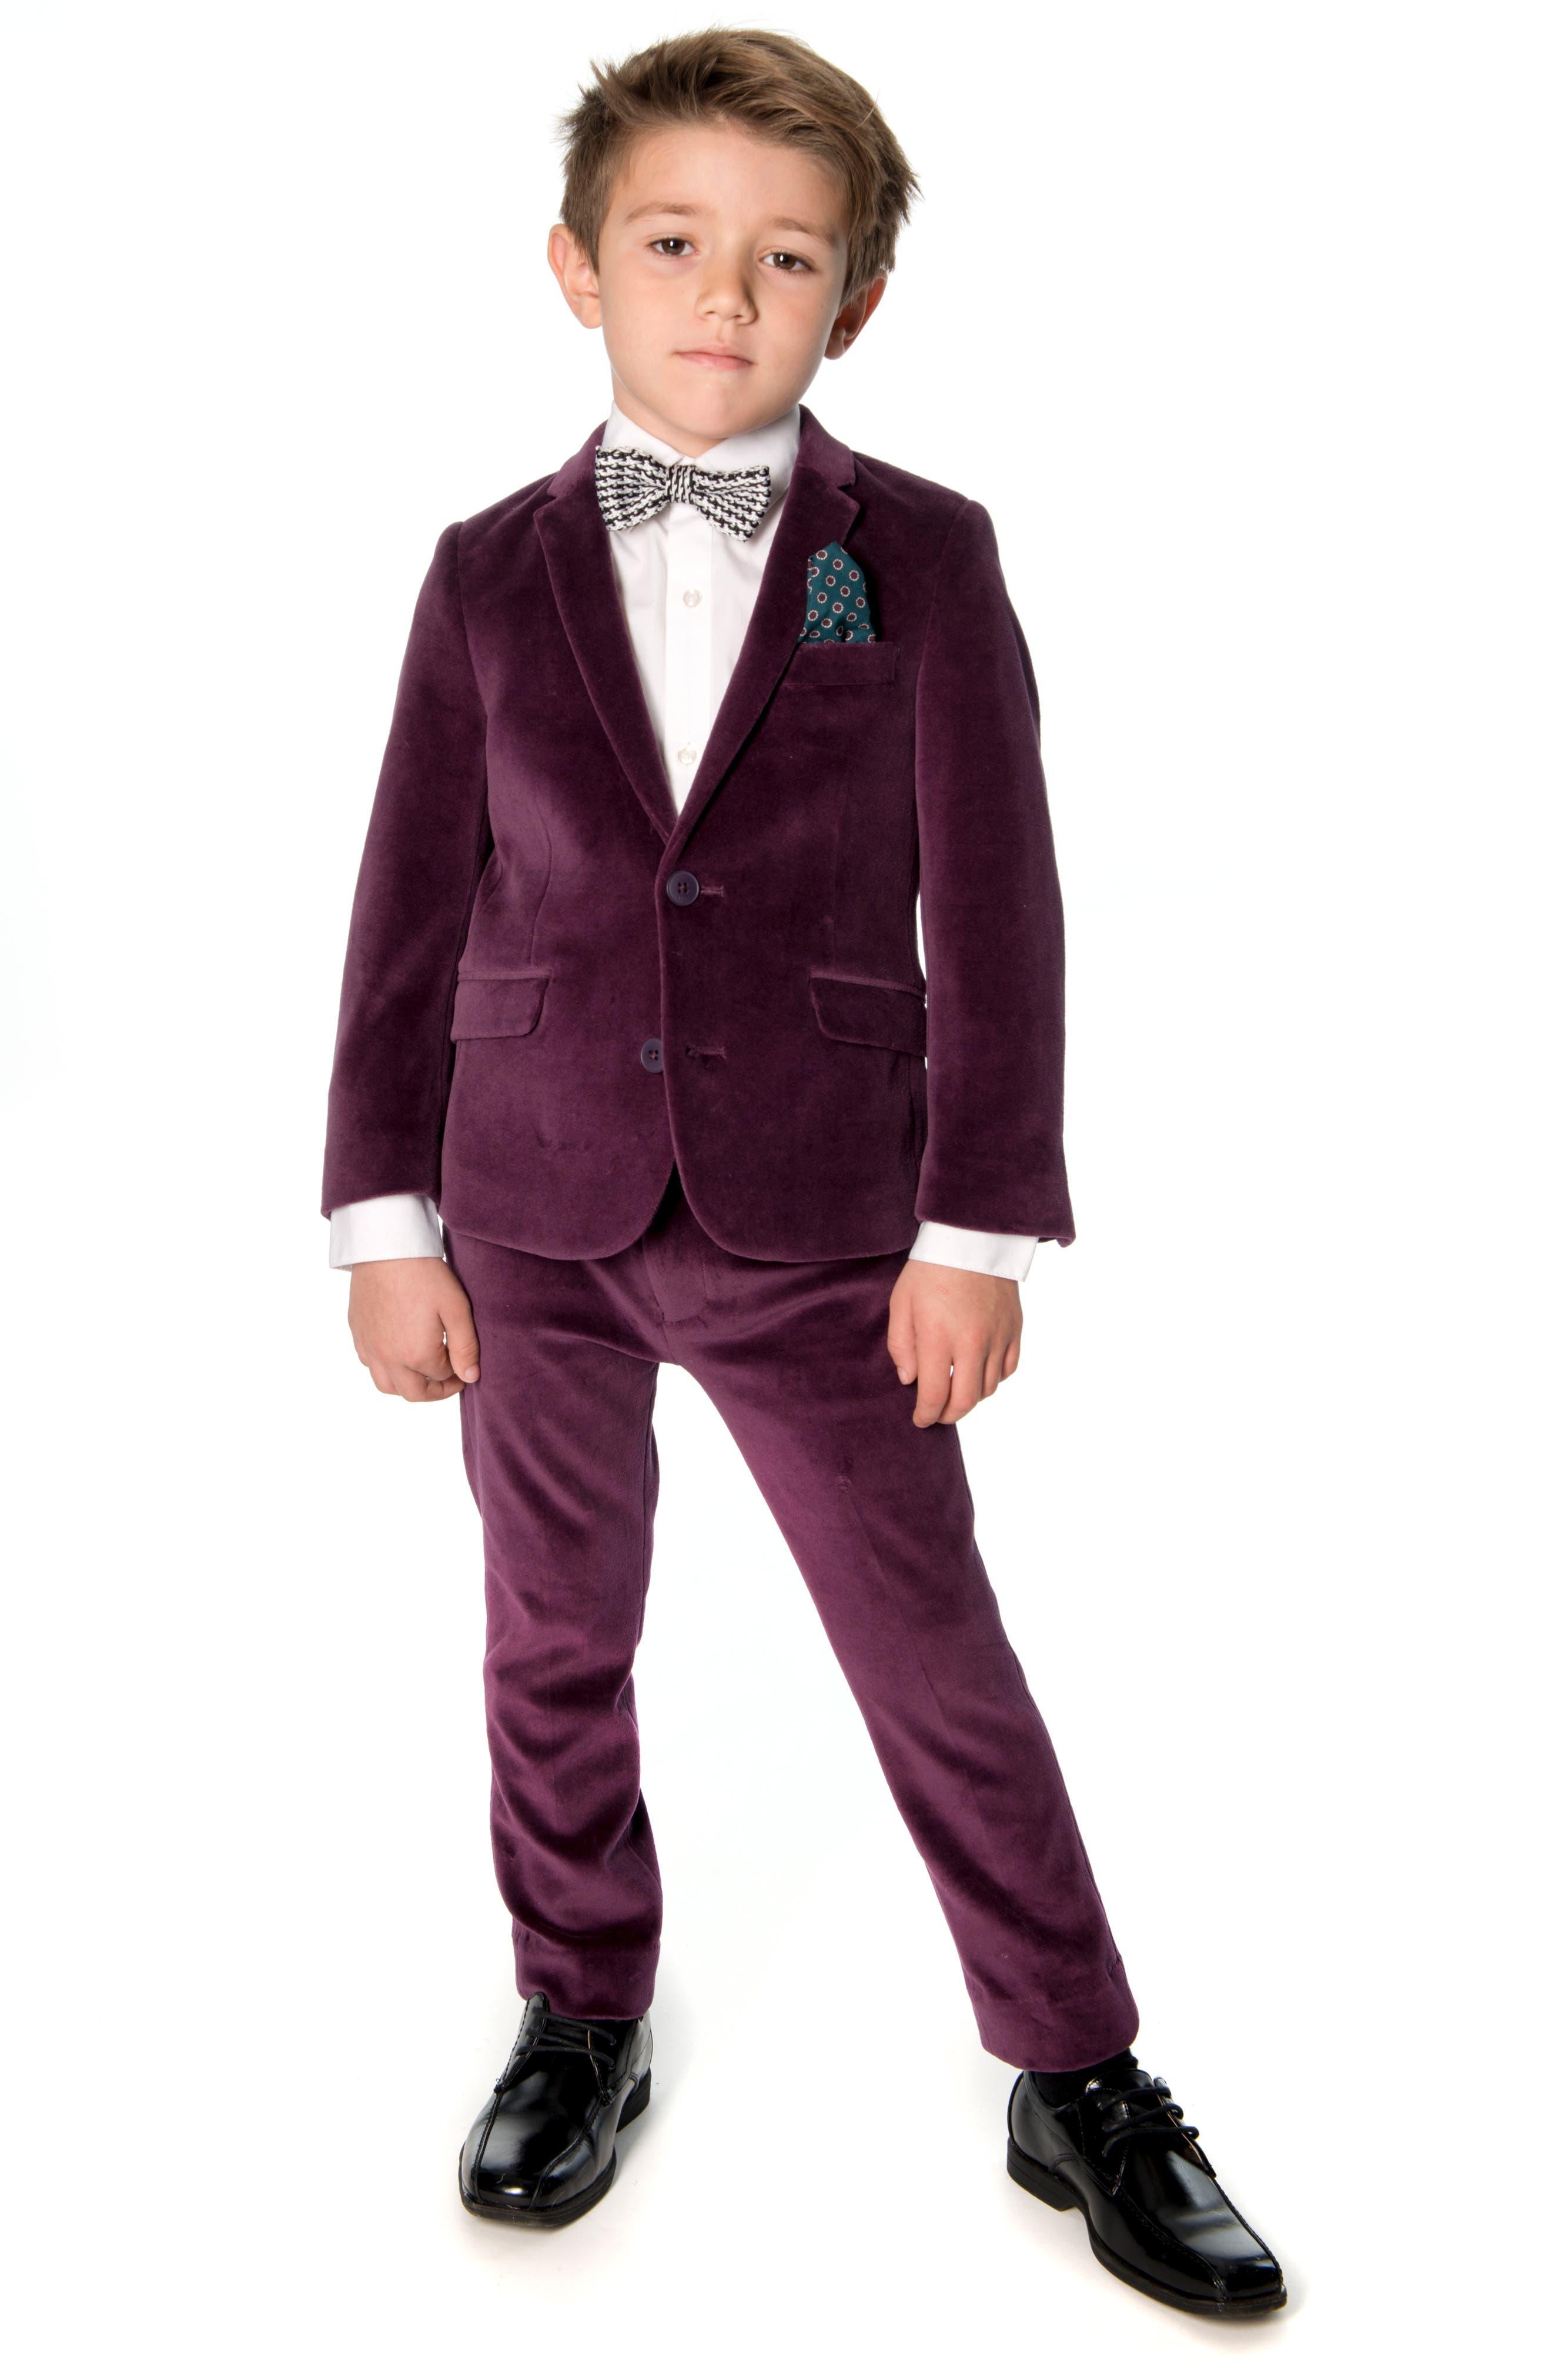 Mod Two-Piece Velveteen Suit,                             Alternate thumbnail 3, color,                             MERLOT VELVET